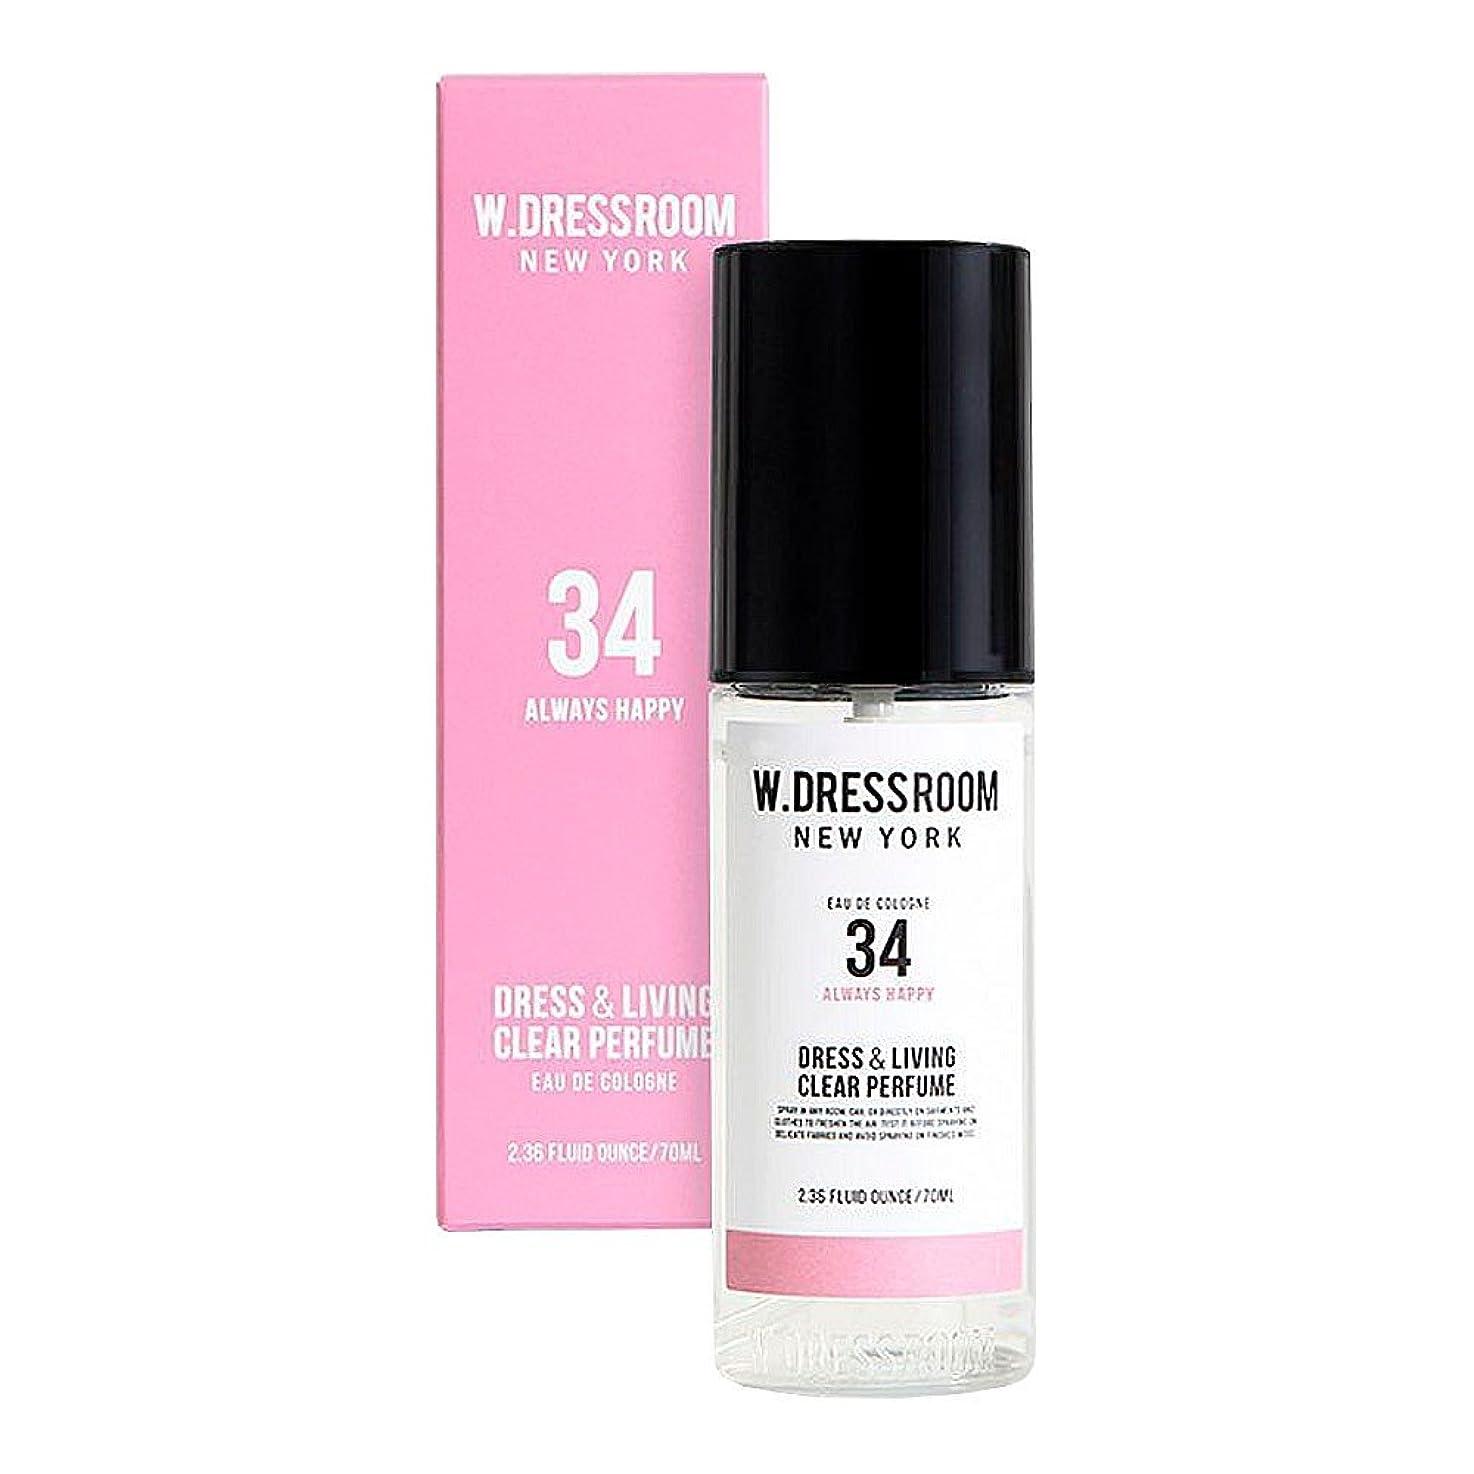 動脈グッゲンハイム美術館ラショナルW.DRESSROOM Dress & Living Clear Perfume fragrance 70ml (#No.34 Always Happy)/ダブルドレスルーム ドレス&リビング クリア パフューム 70ml (#No.34 Always Happy)